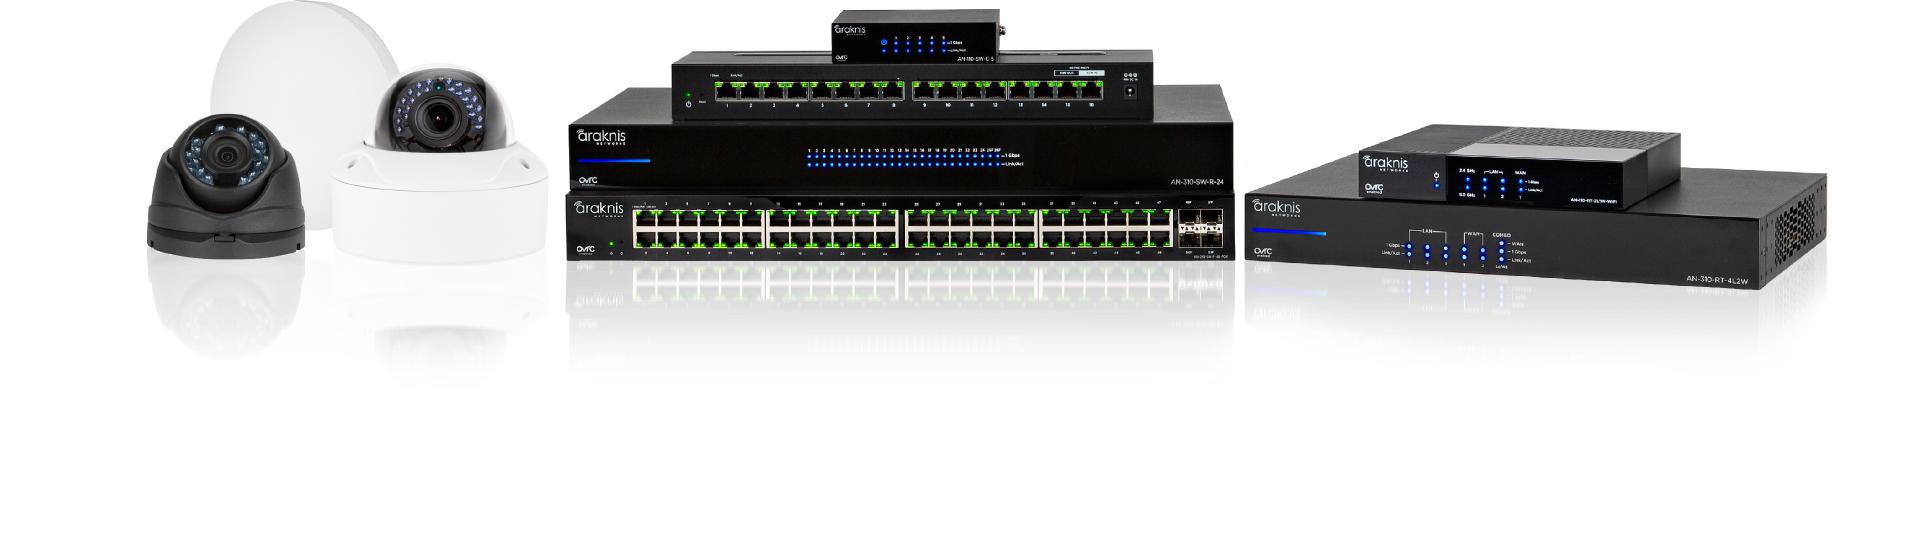 Sicurezza e networking